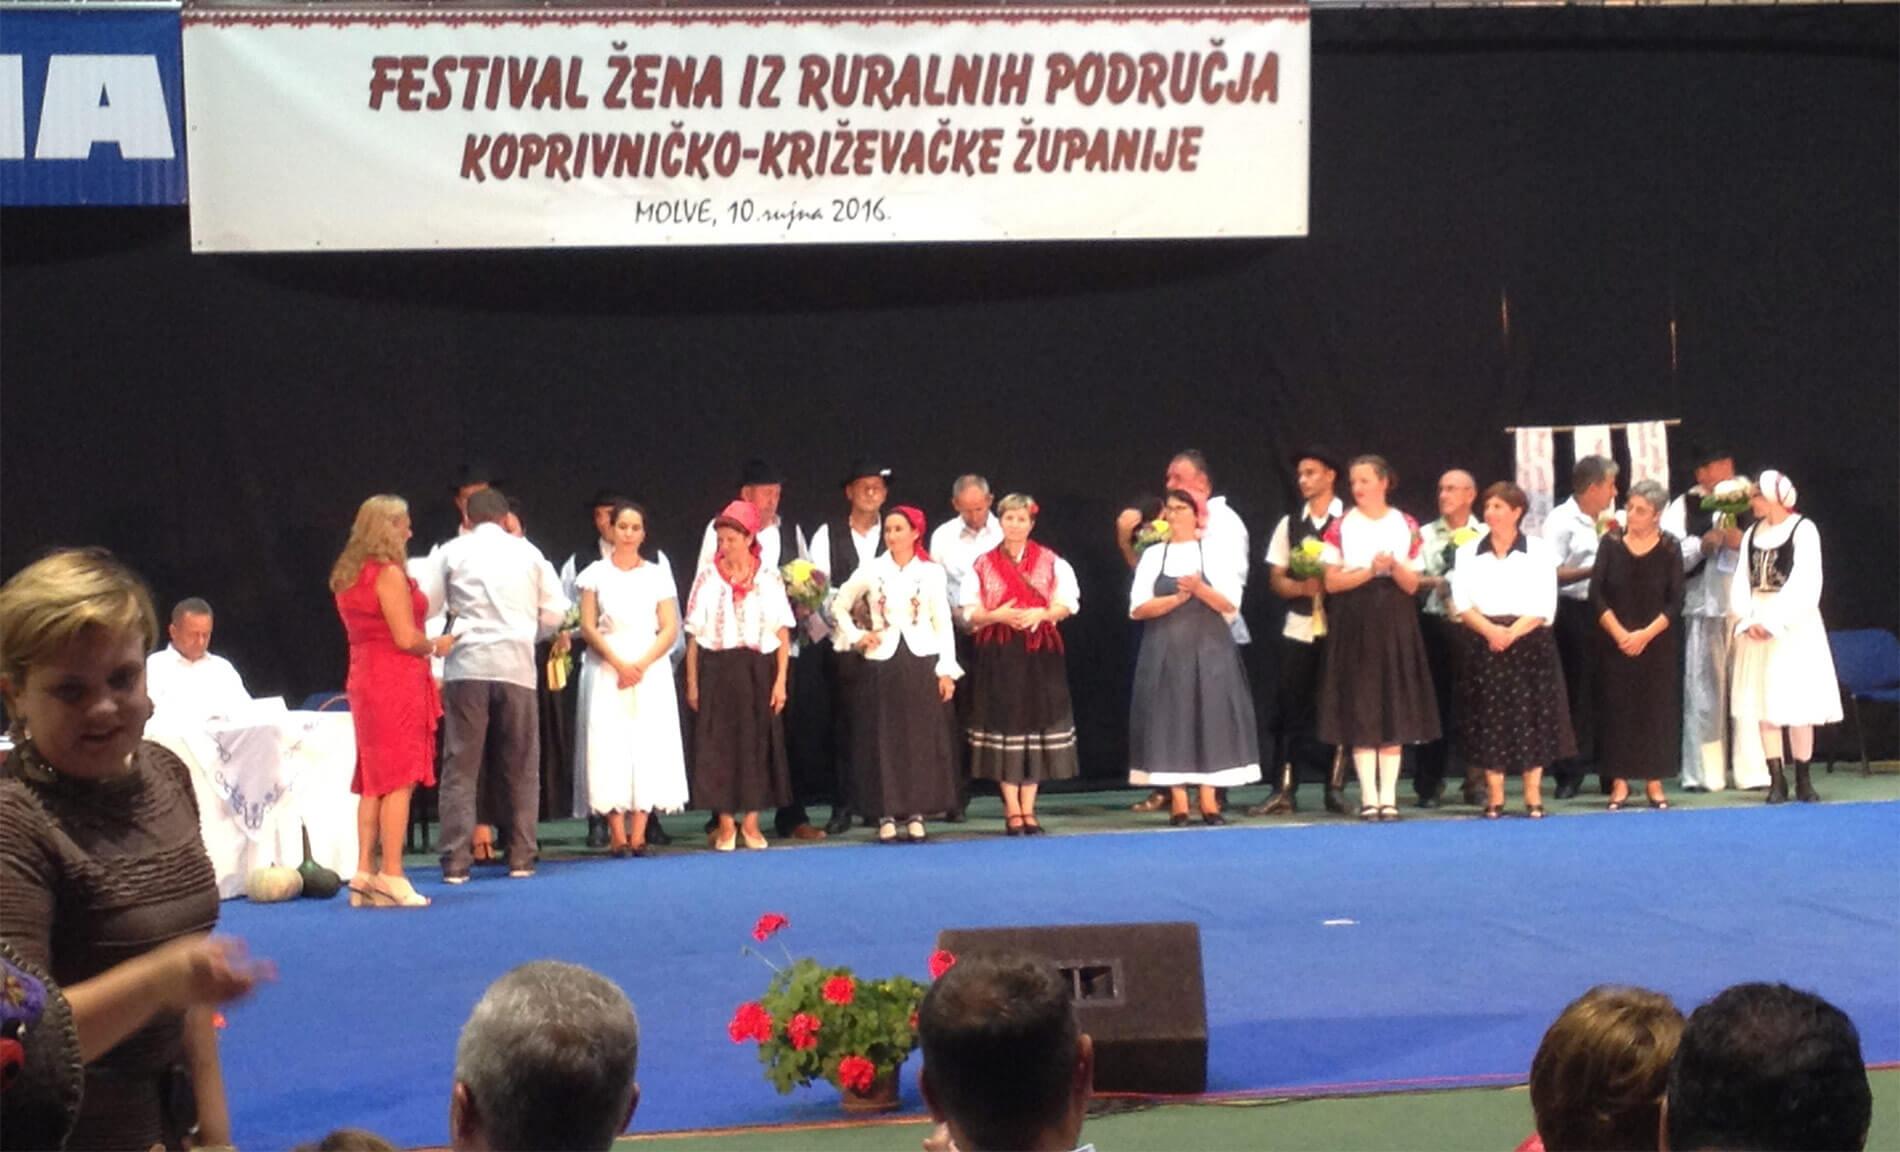 Poziv za prijavu na Festival žena iz ruralnih područja Koprivničko-križevačke županije